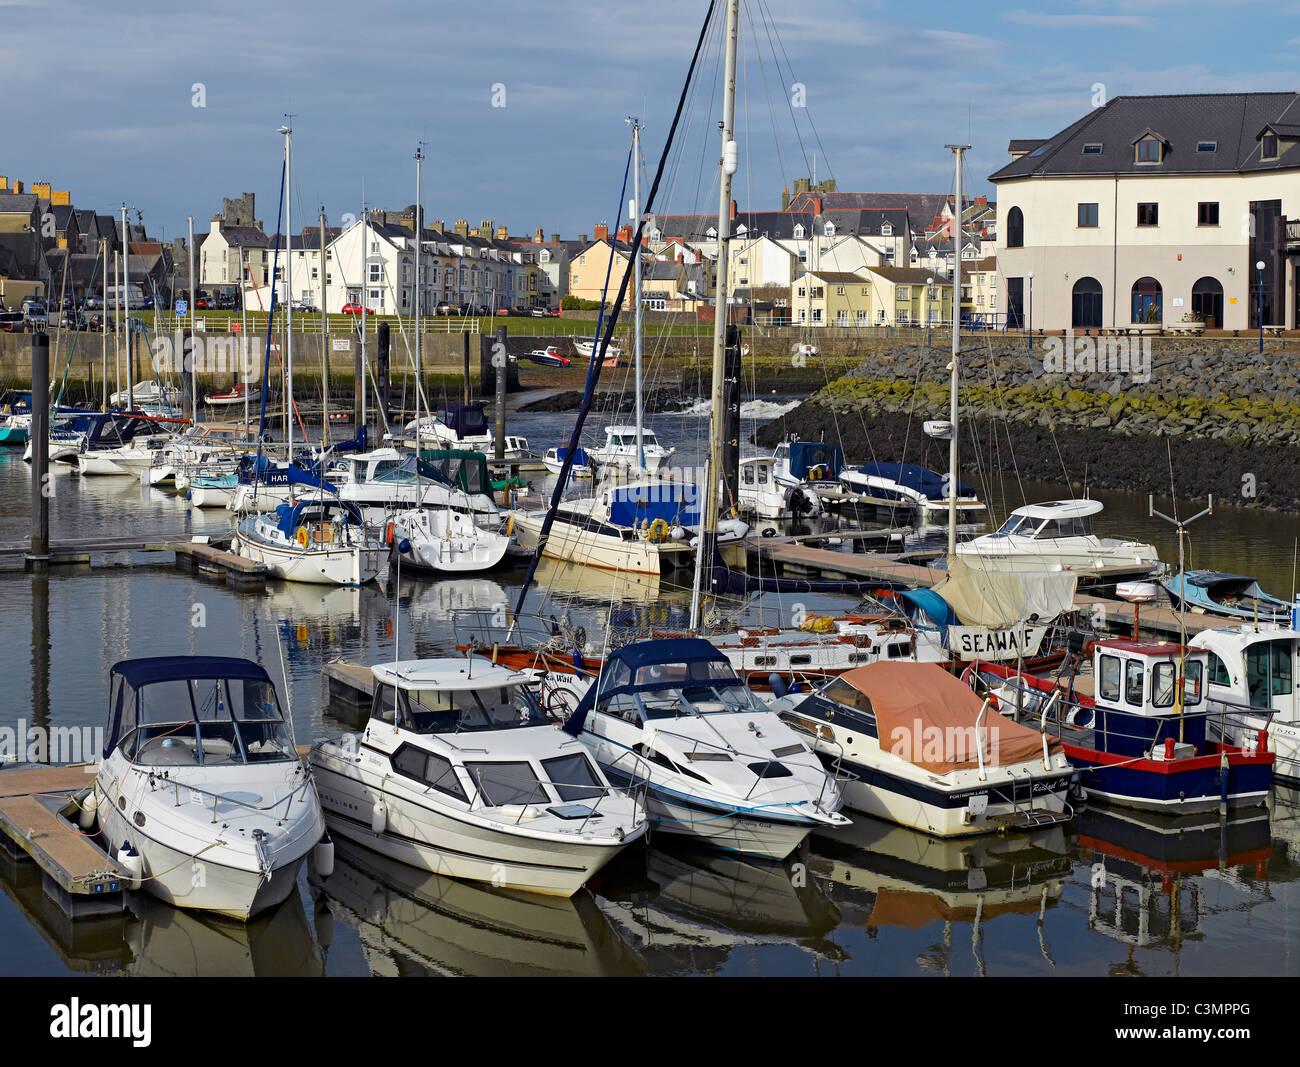 Aberystwyth Marina Cardiganshire Wales UK United Kingdom GB Great Britain - Stock Image